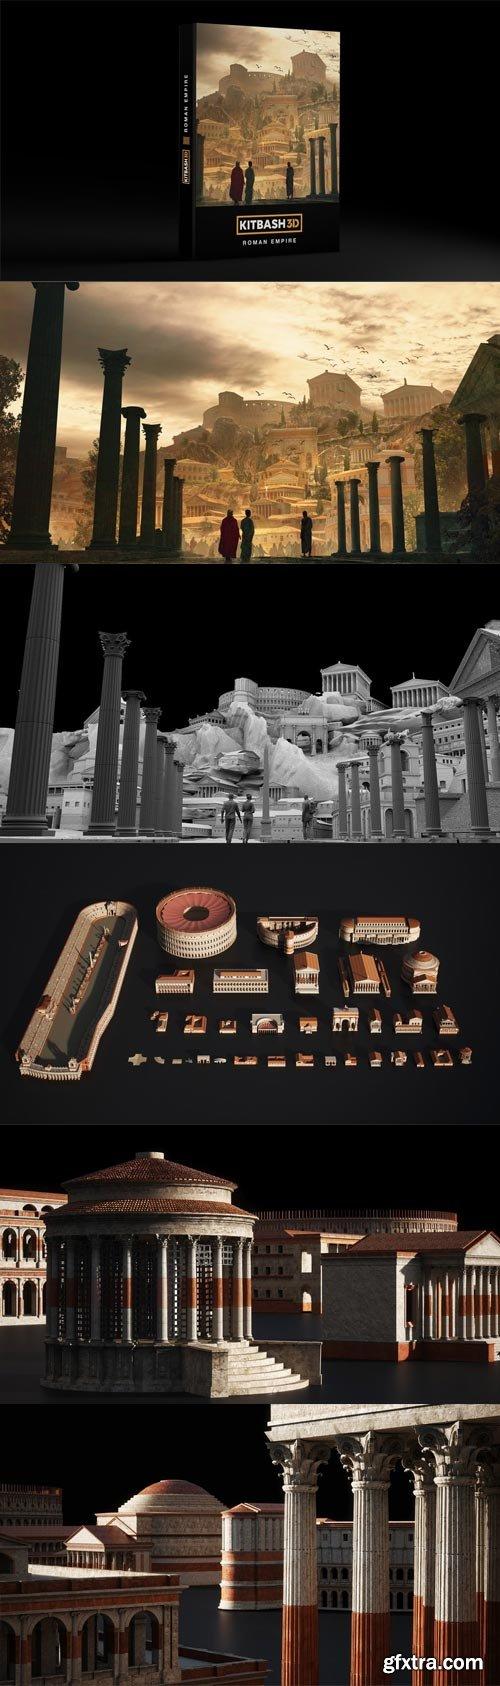 Kitbash3D - ROMAN EMPIRE $200